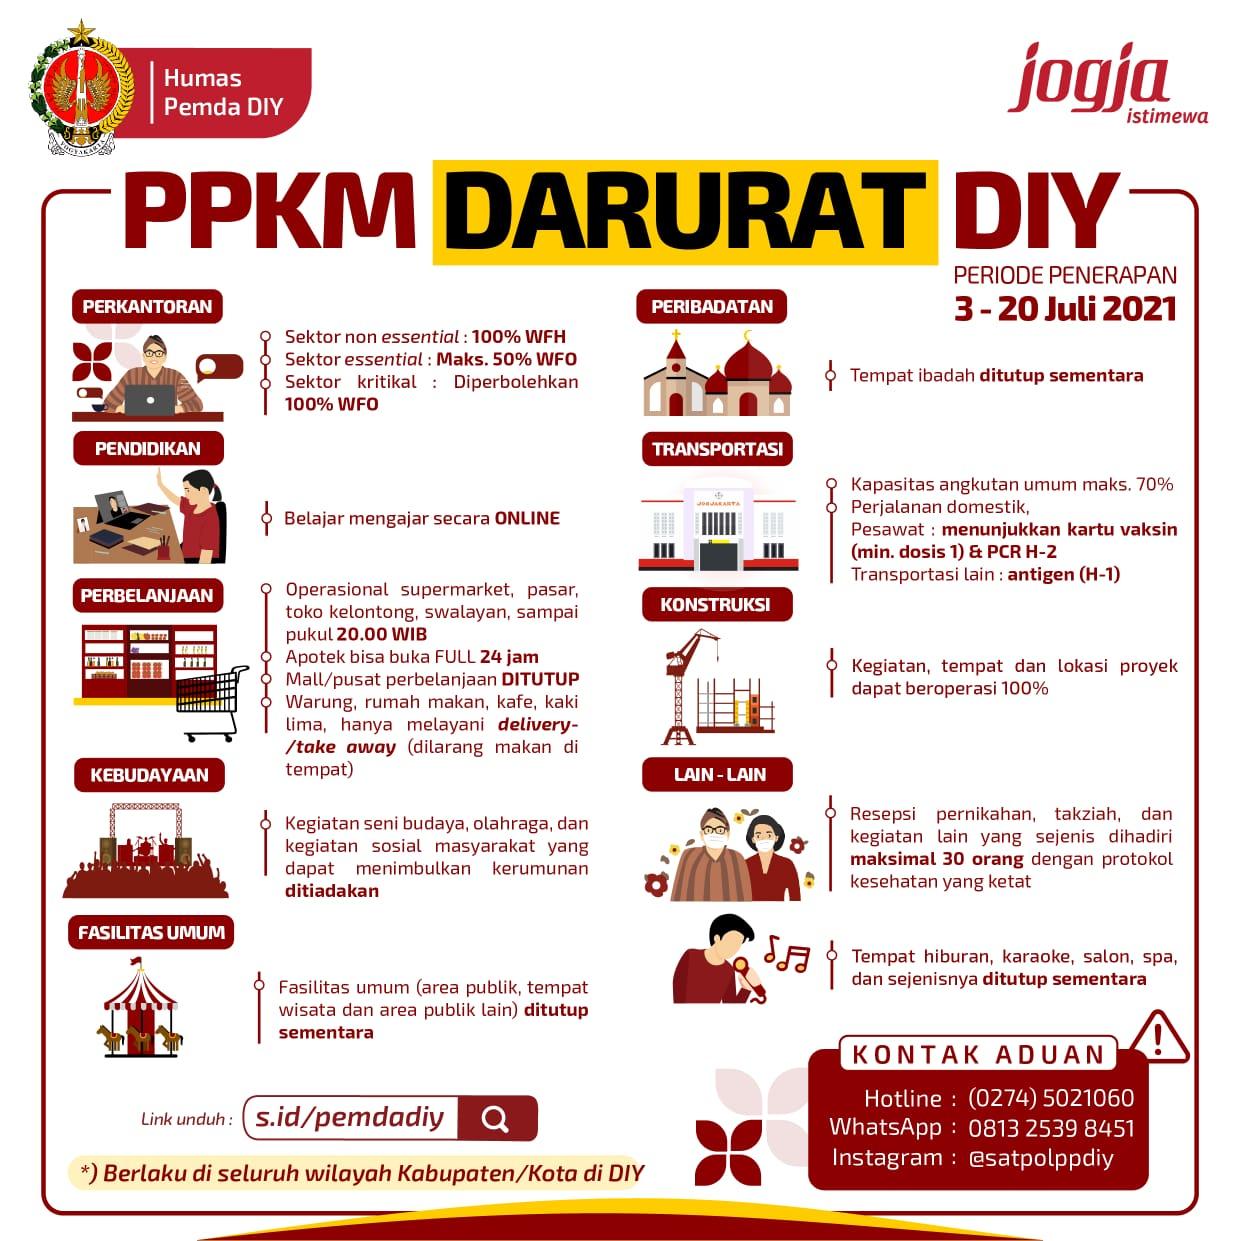 Pemerintah Kota Yogyakarta memberlakukan kebijakan PPKM darurat.